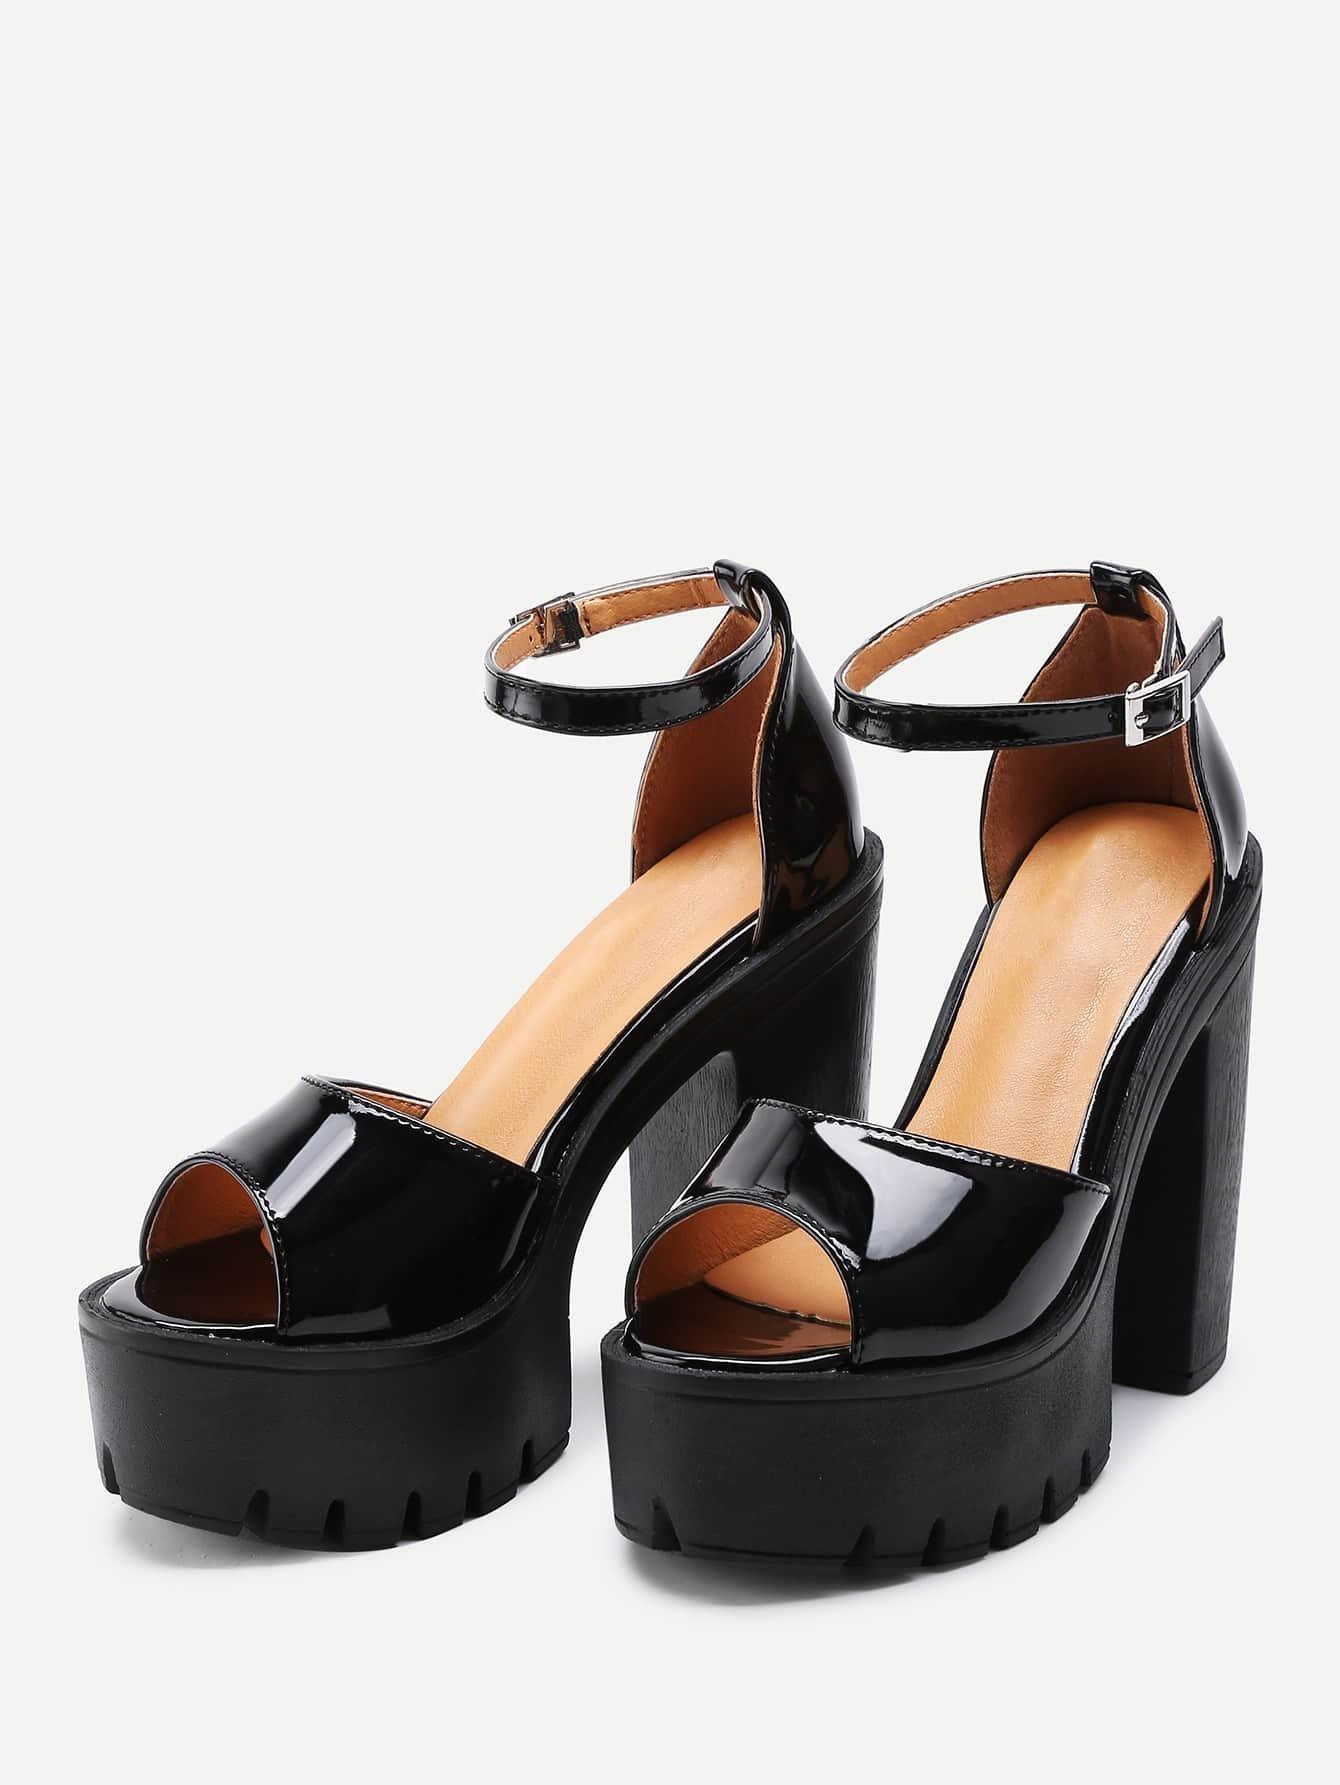 shoes170515807_2